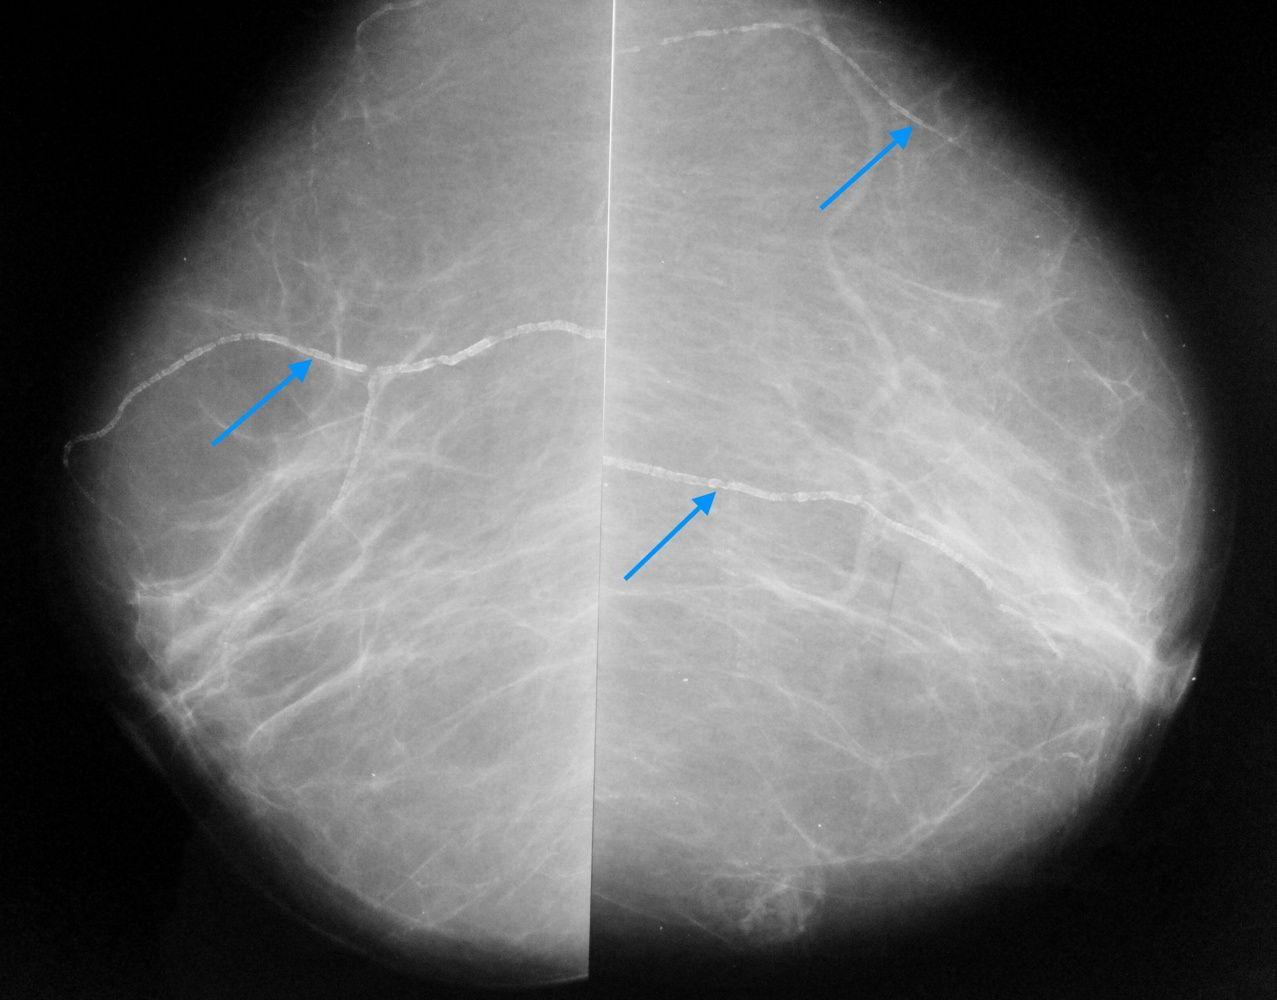 расширение молочных протоков рентген